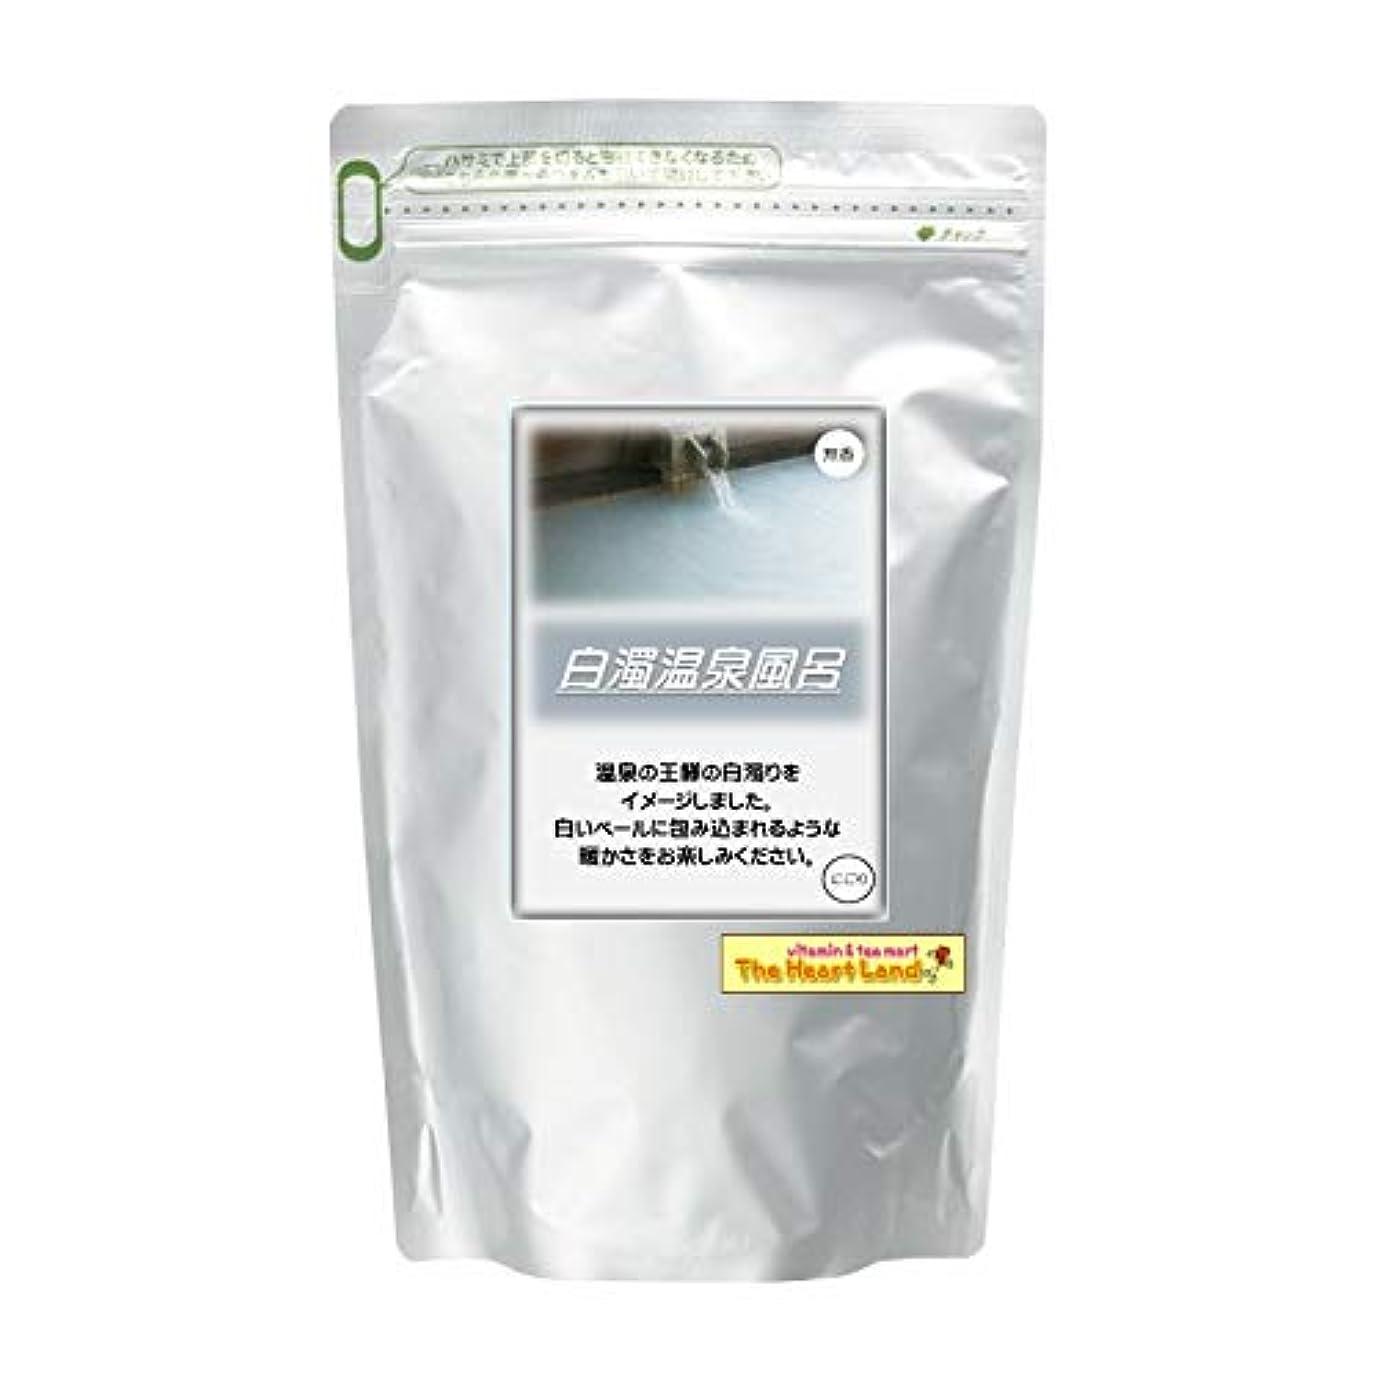 拡散する欺く積分アサヒ入浴剤 浴用入浴化粧品 白濁温泉風呂 2.5kg